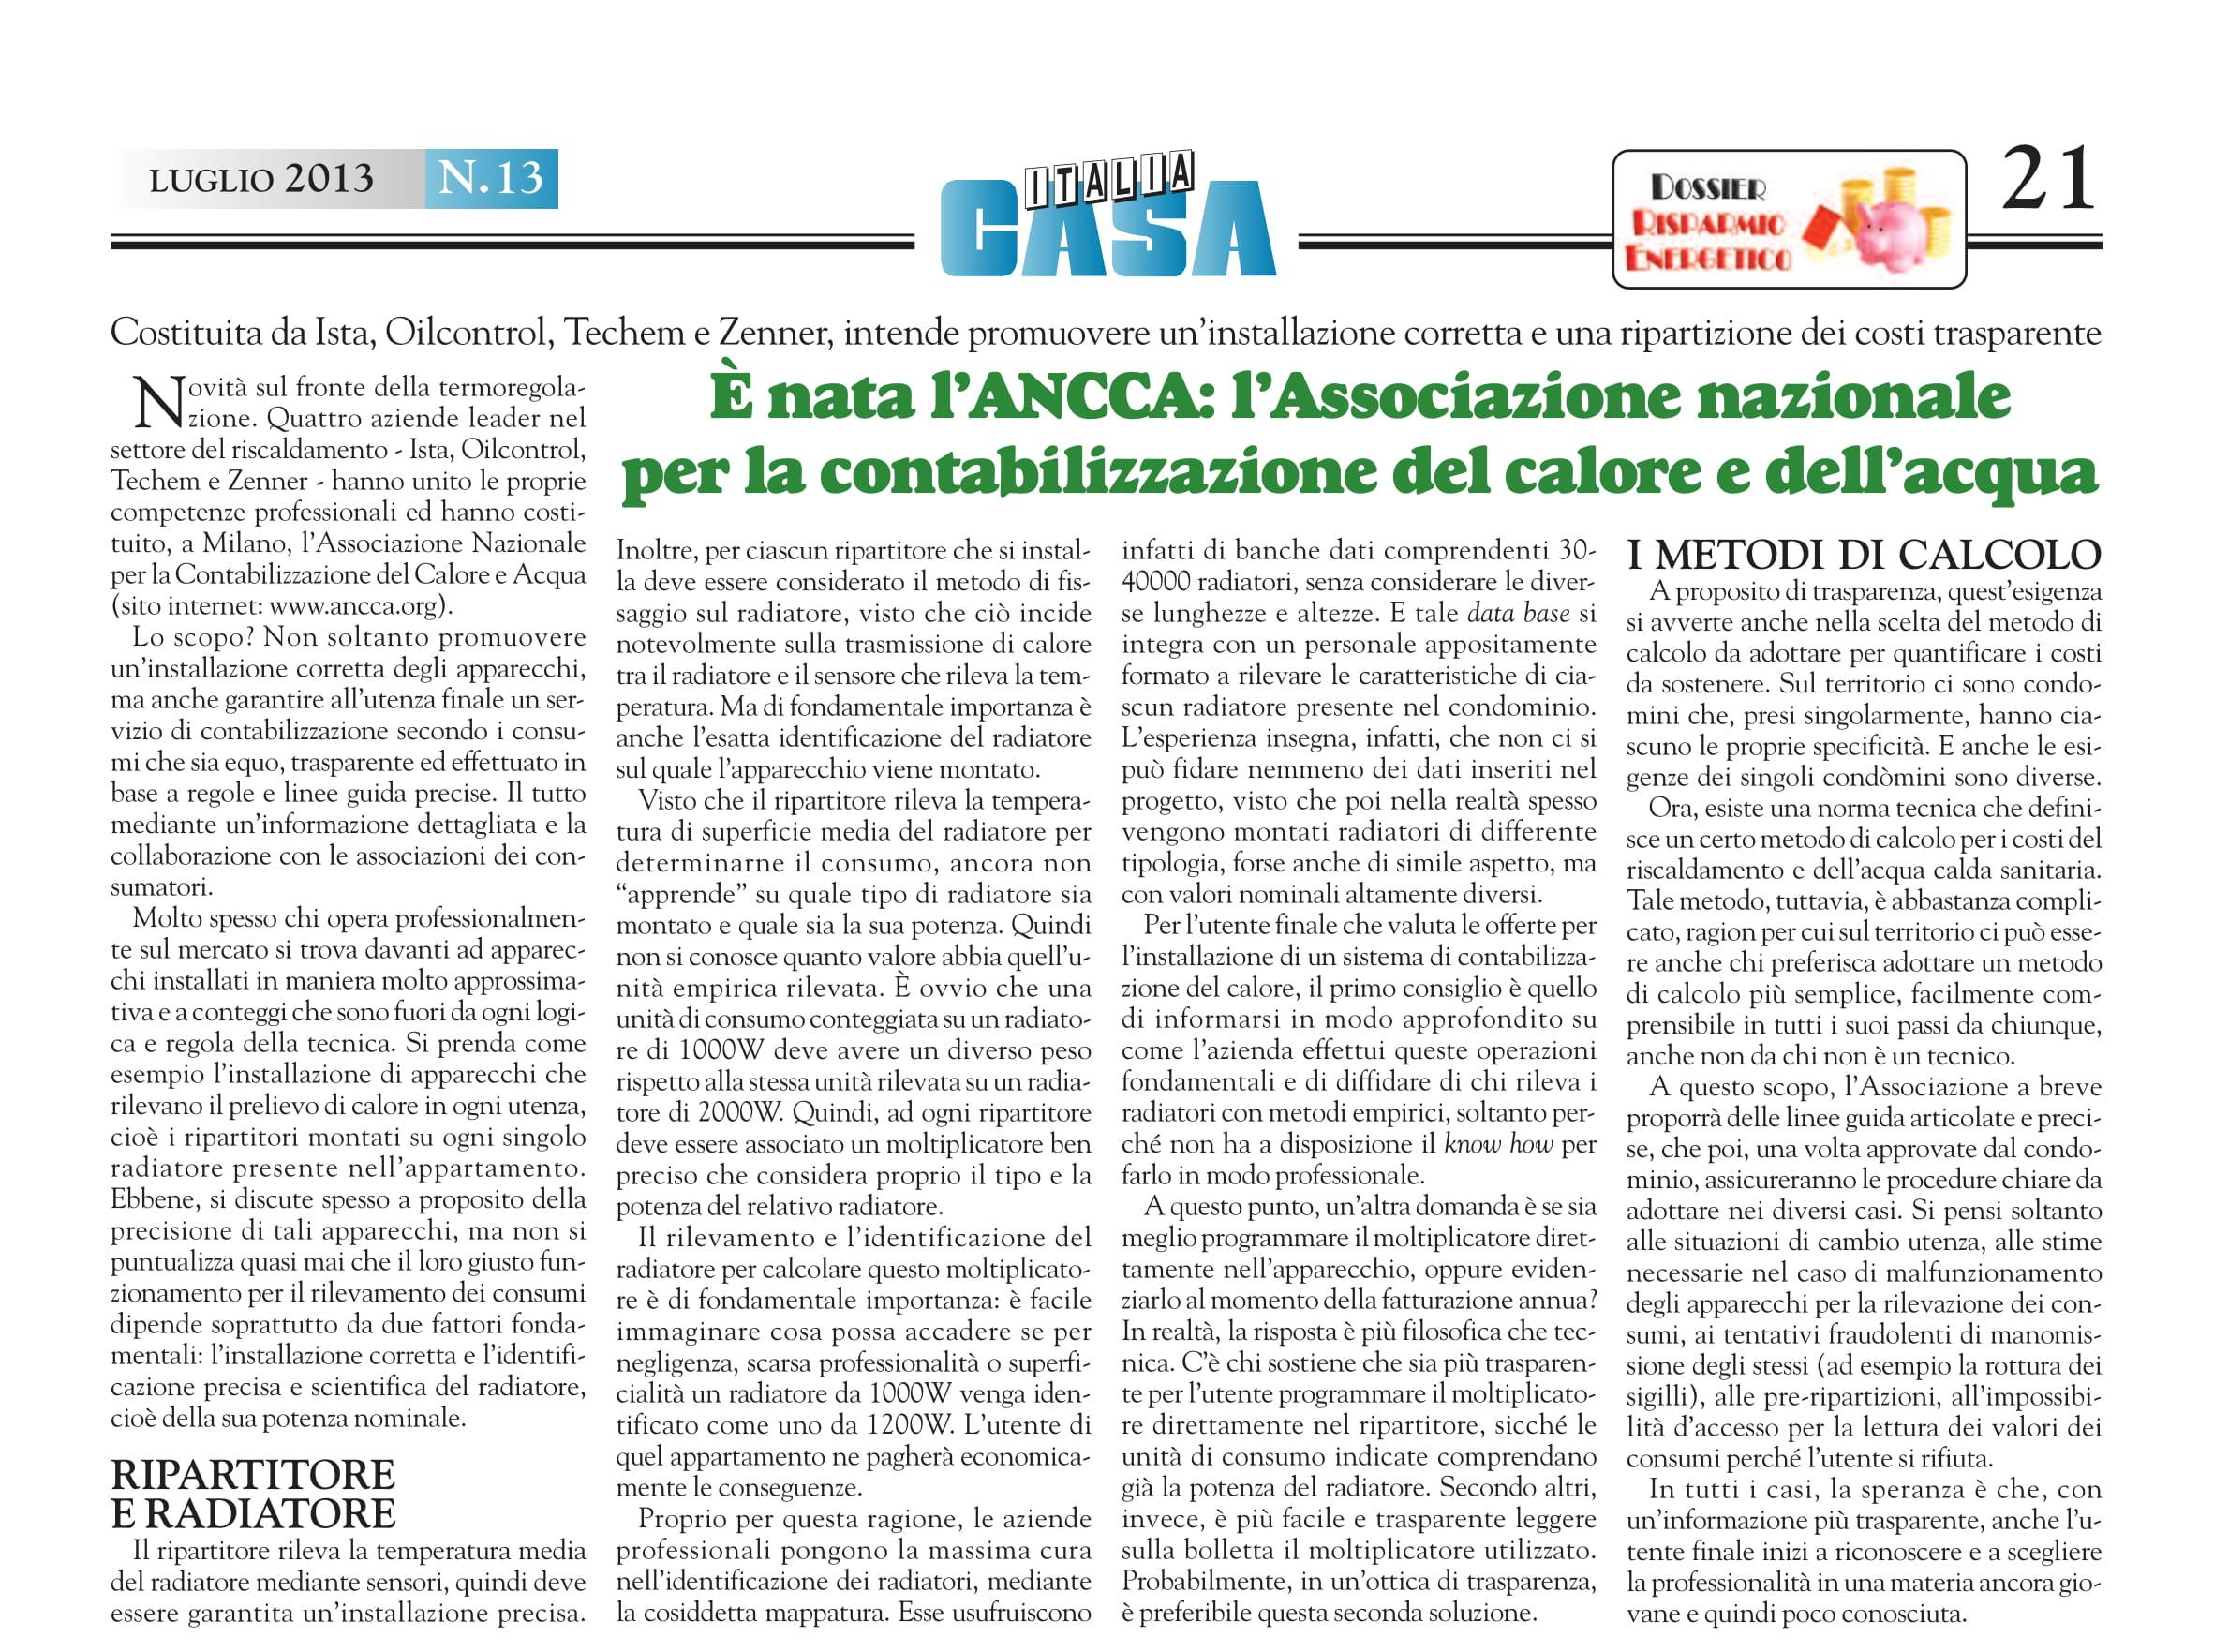 ANCCA ItaliaCasa Luglio2013 1 - Dicono di noi